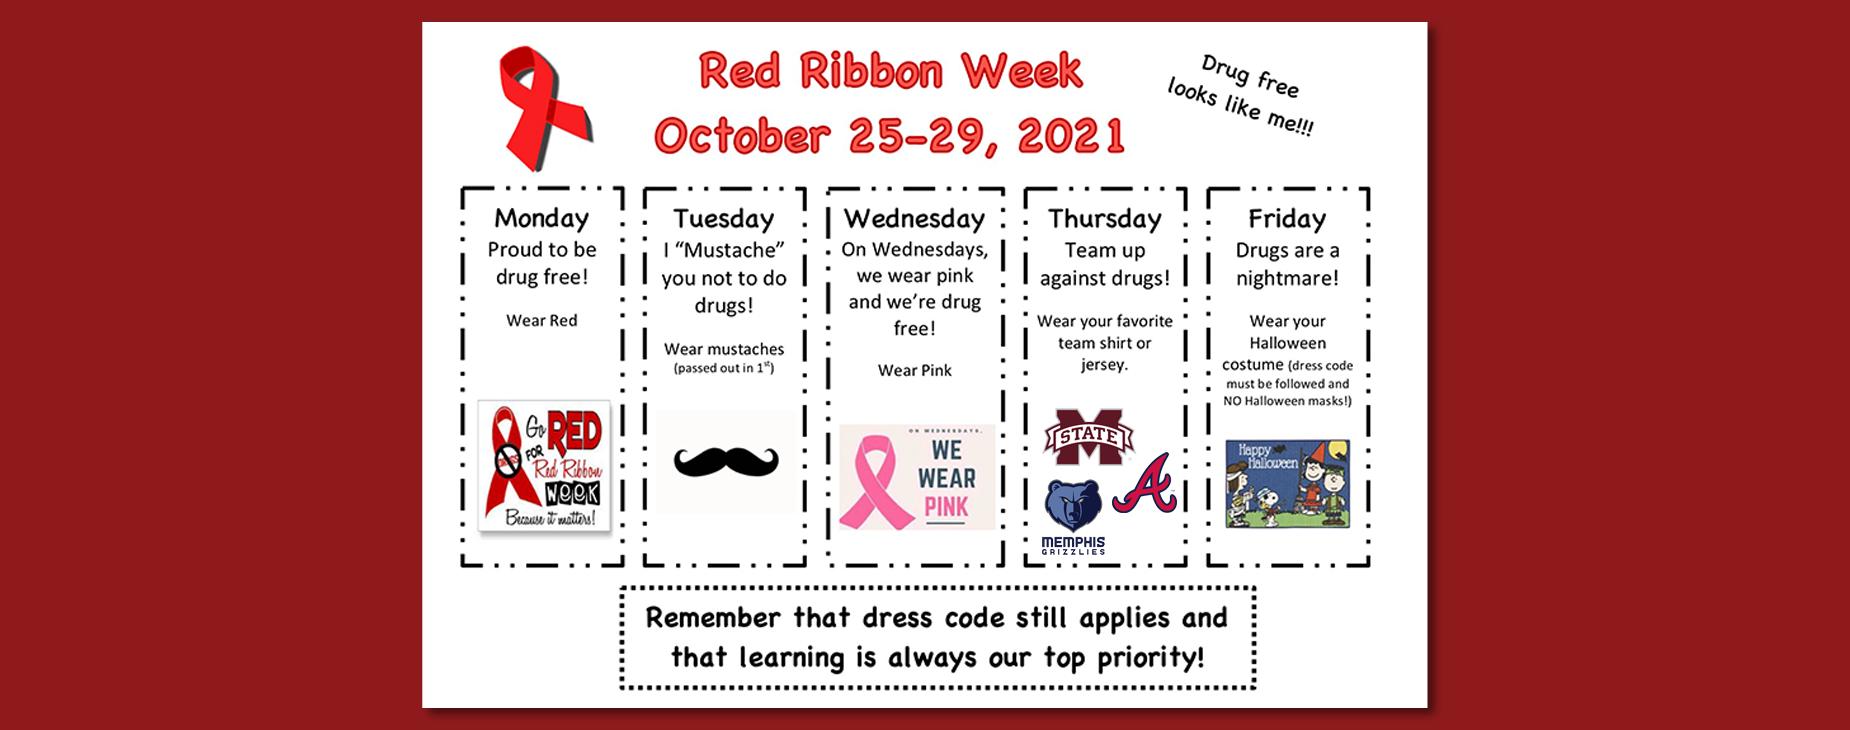 2021 Red Ribbon Week